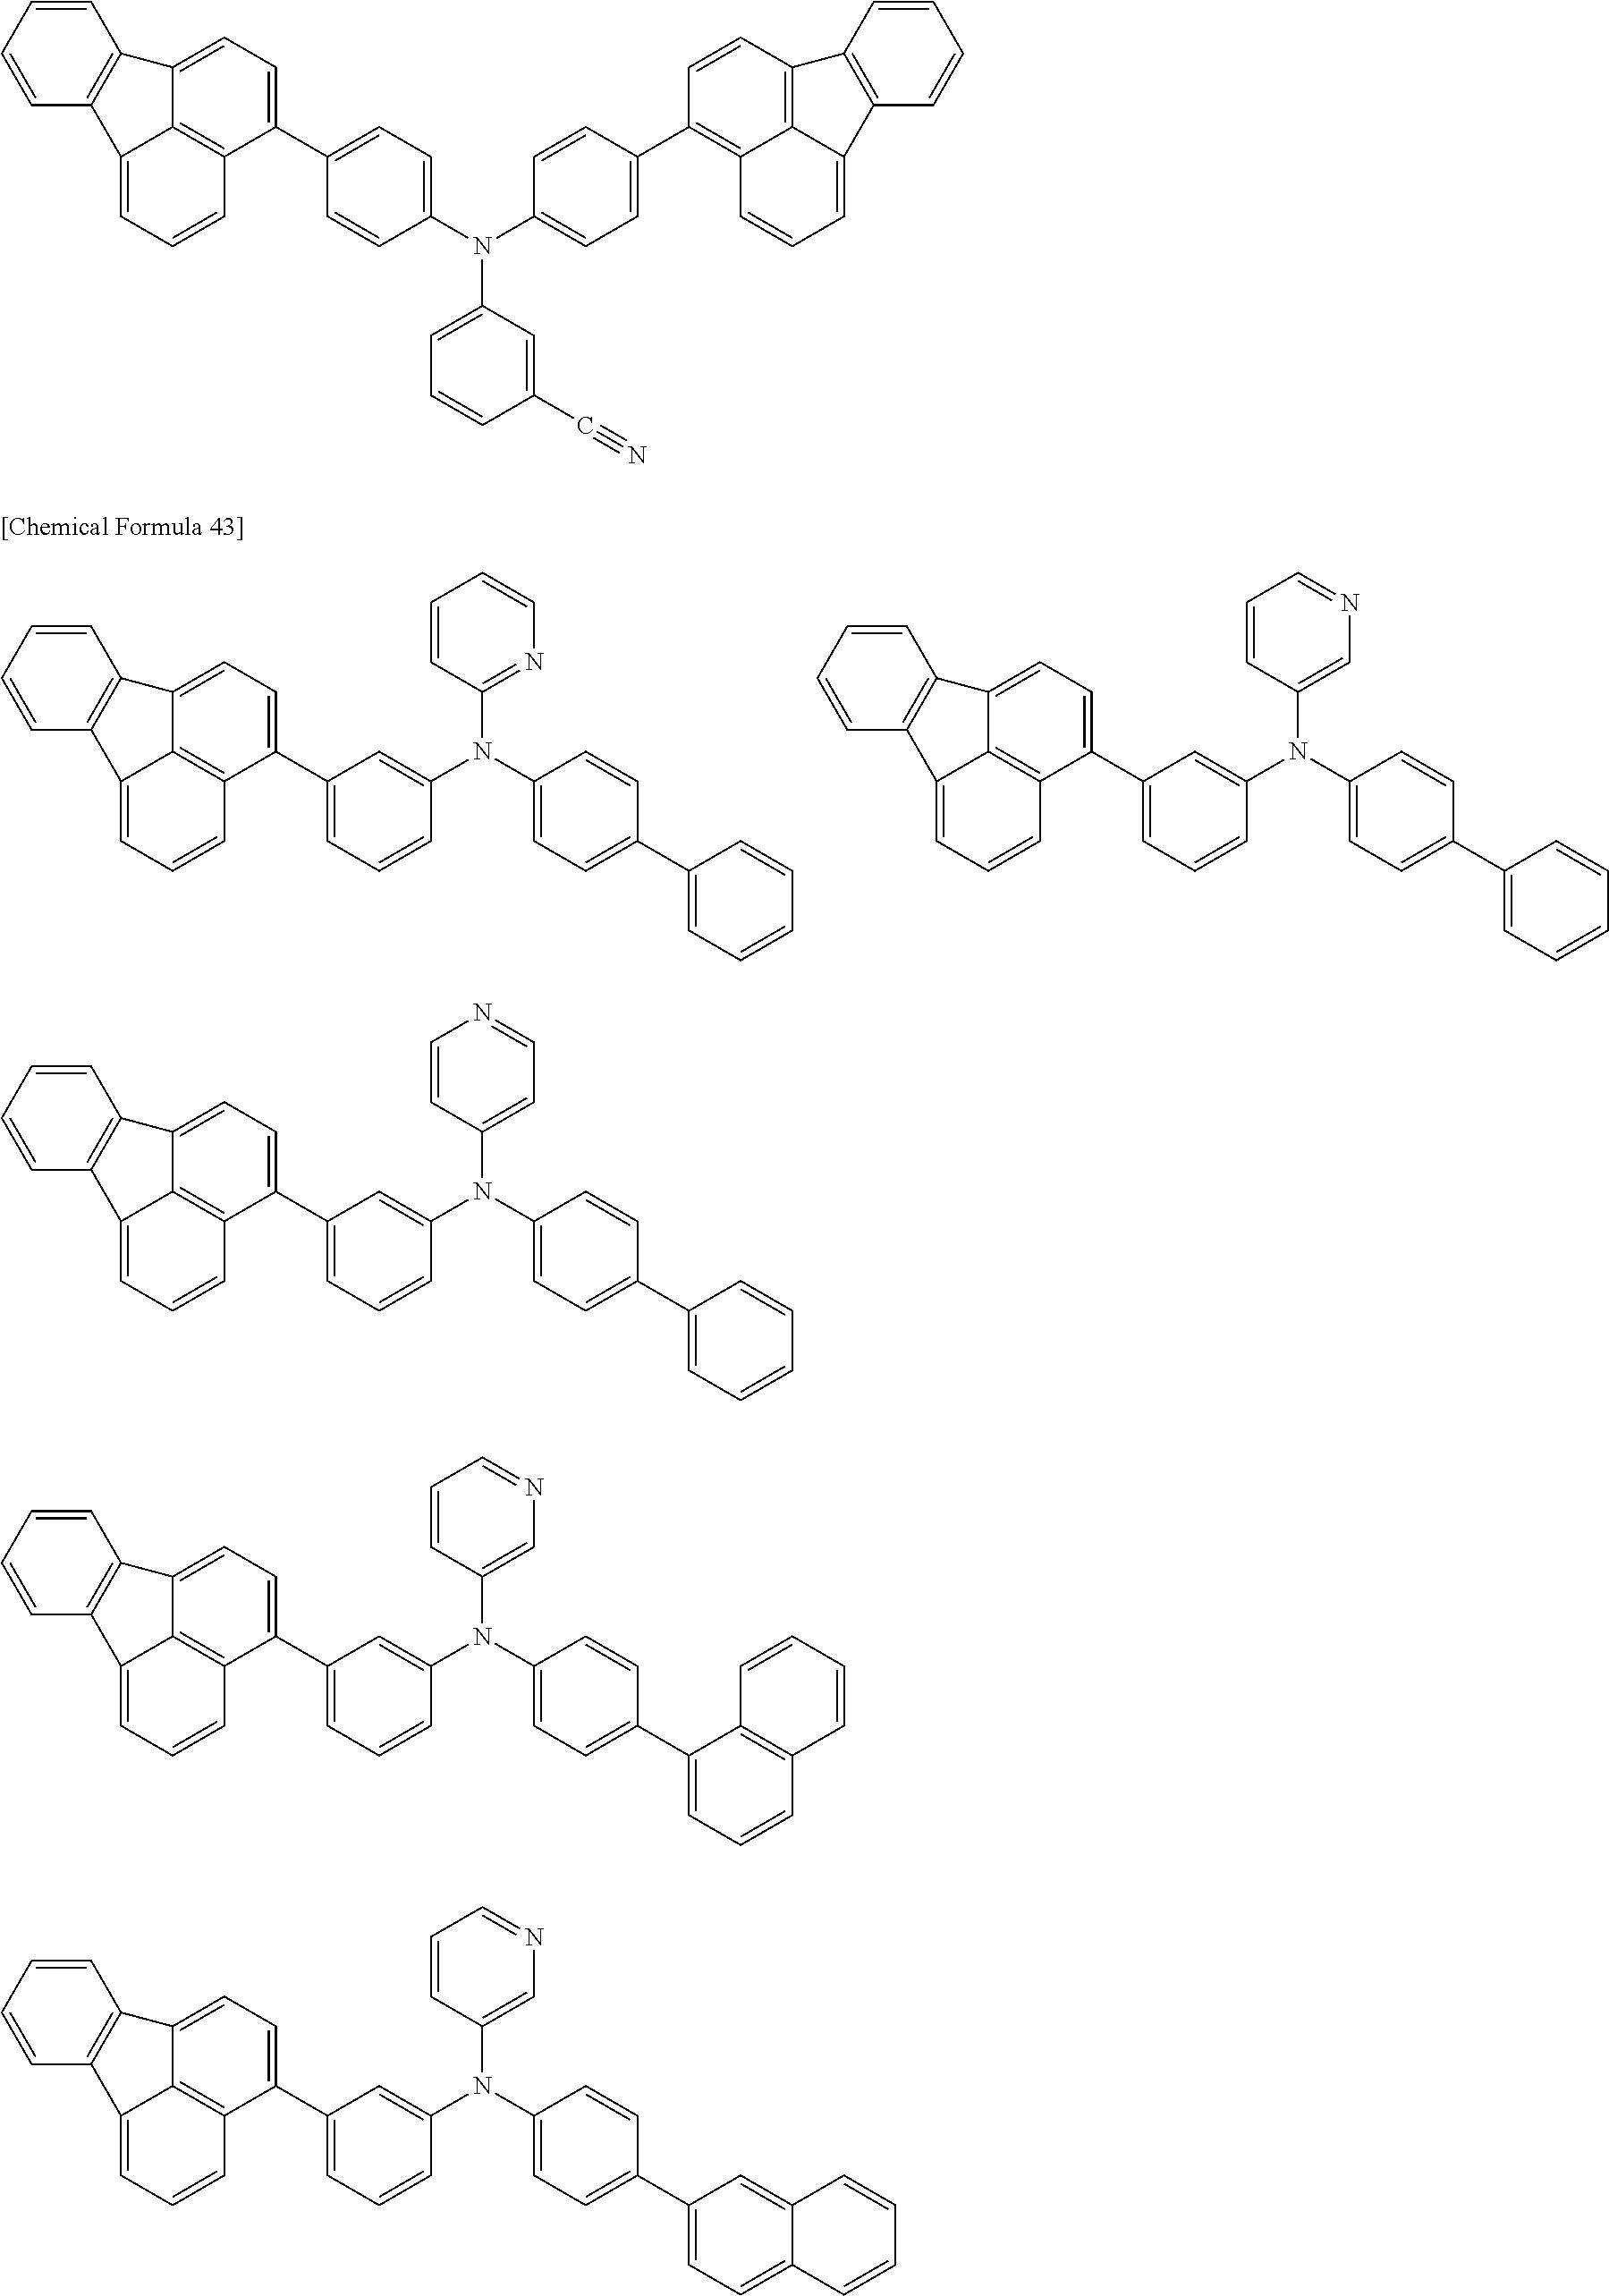 Figure US20150280139A1-20151001-C00108